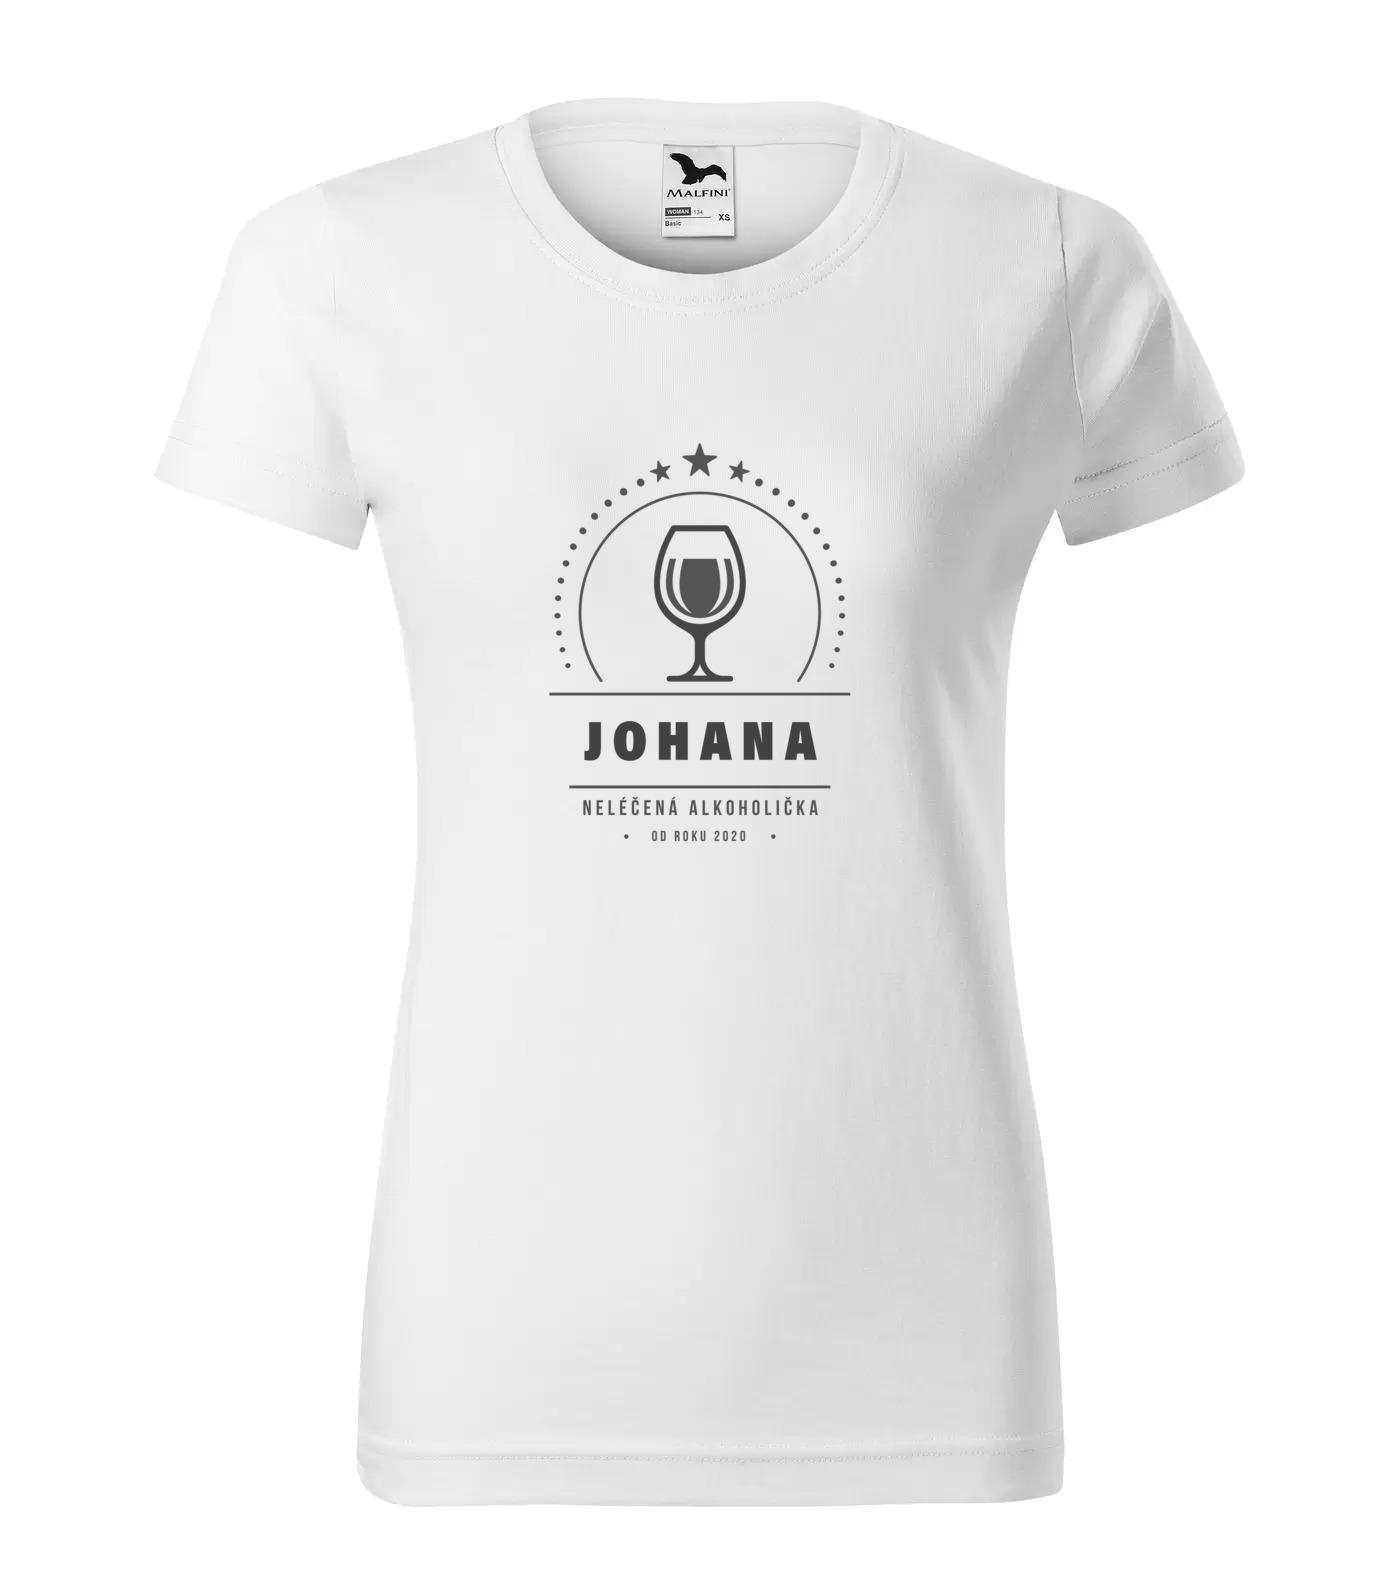 Tričko Alkoholička Johana